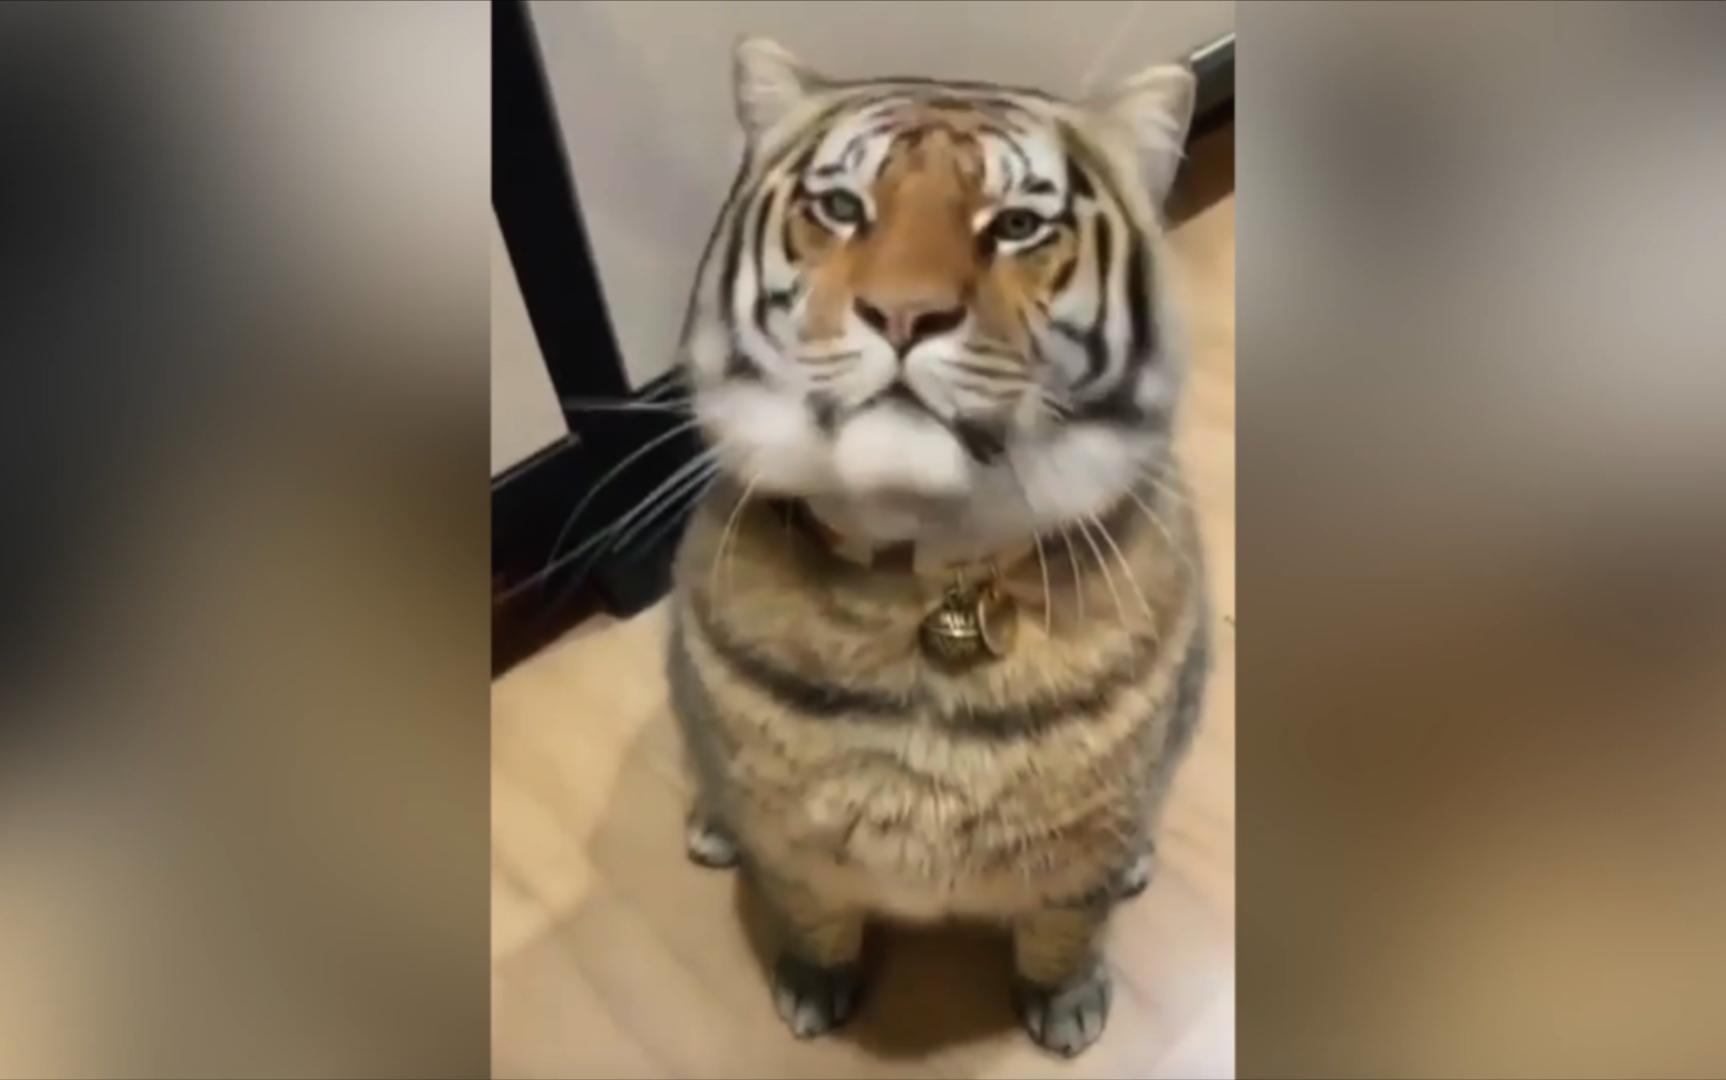 猫: 你看我虎吗?